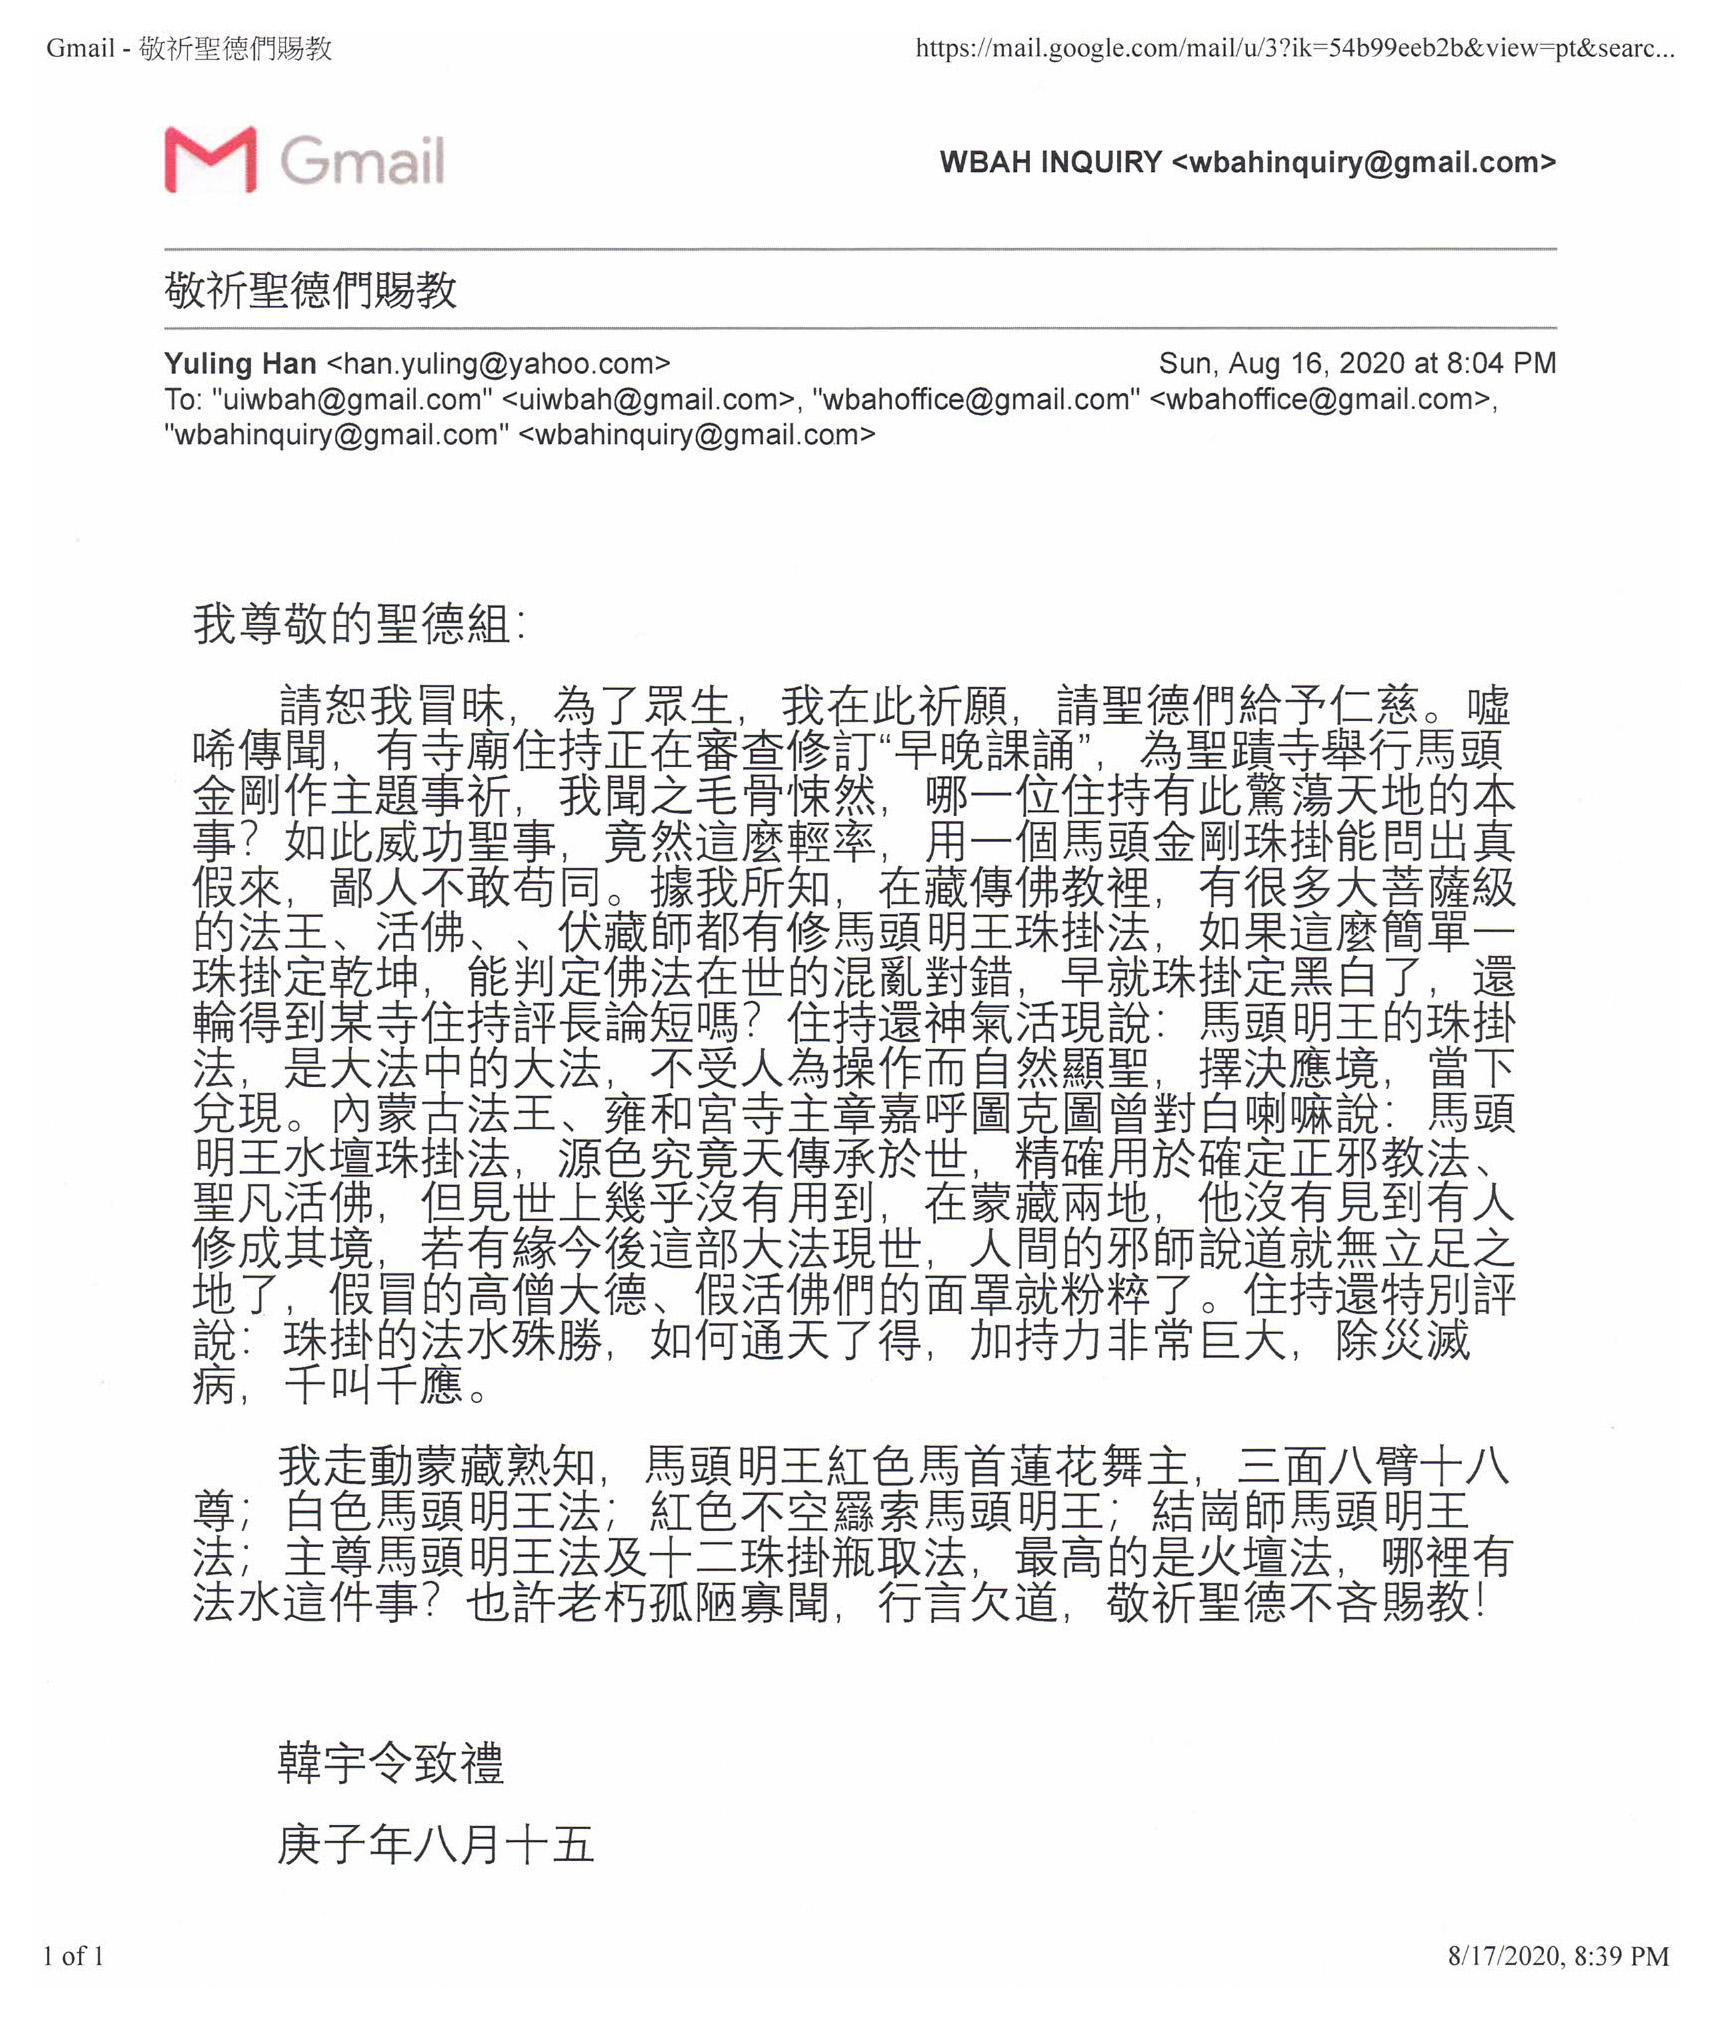 世界佛教總部諮詢中心 回覆諮詢(第20200104號)